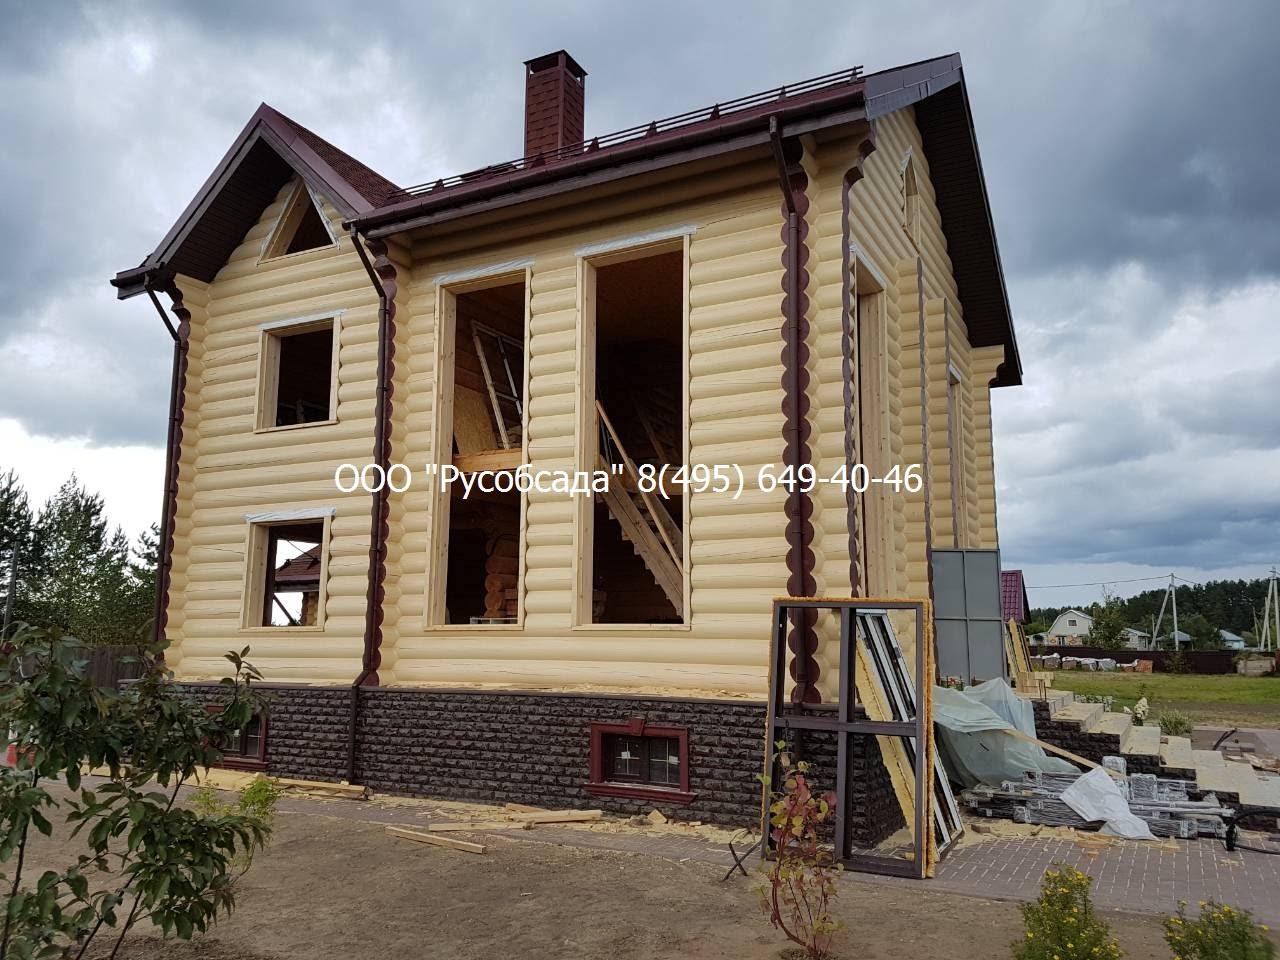 Русобсада остекление деревянных домов в Калуге и области